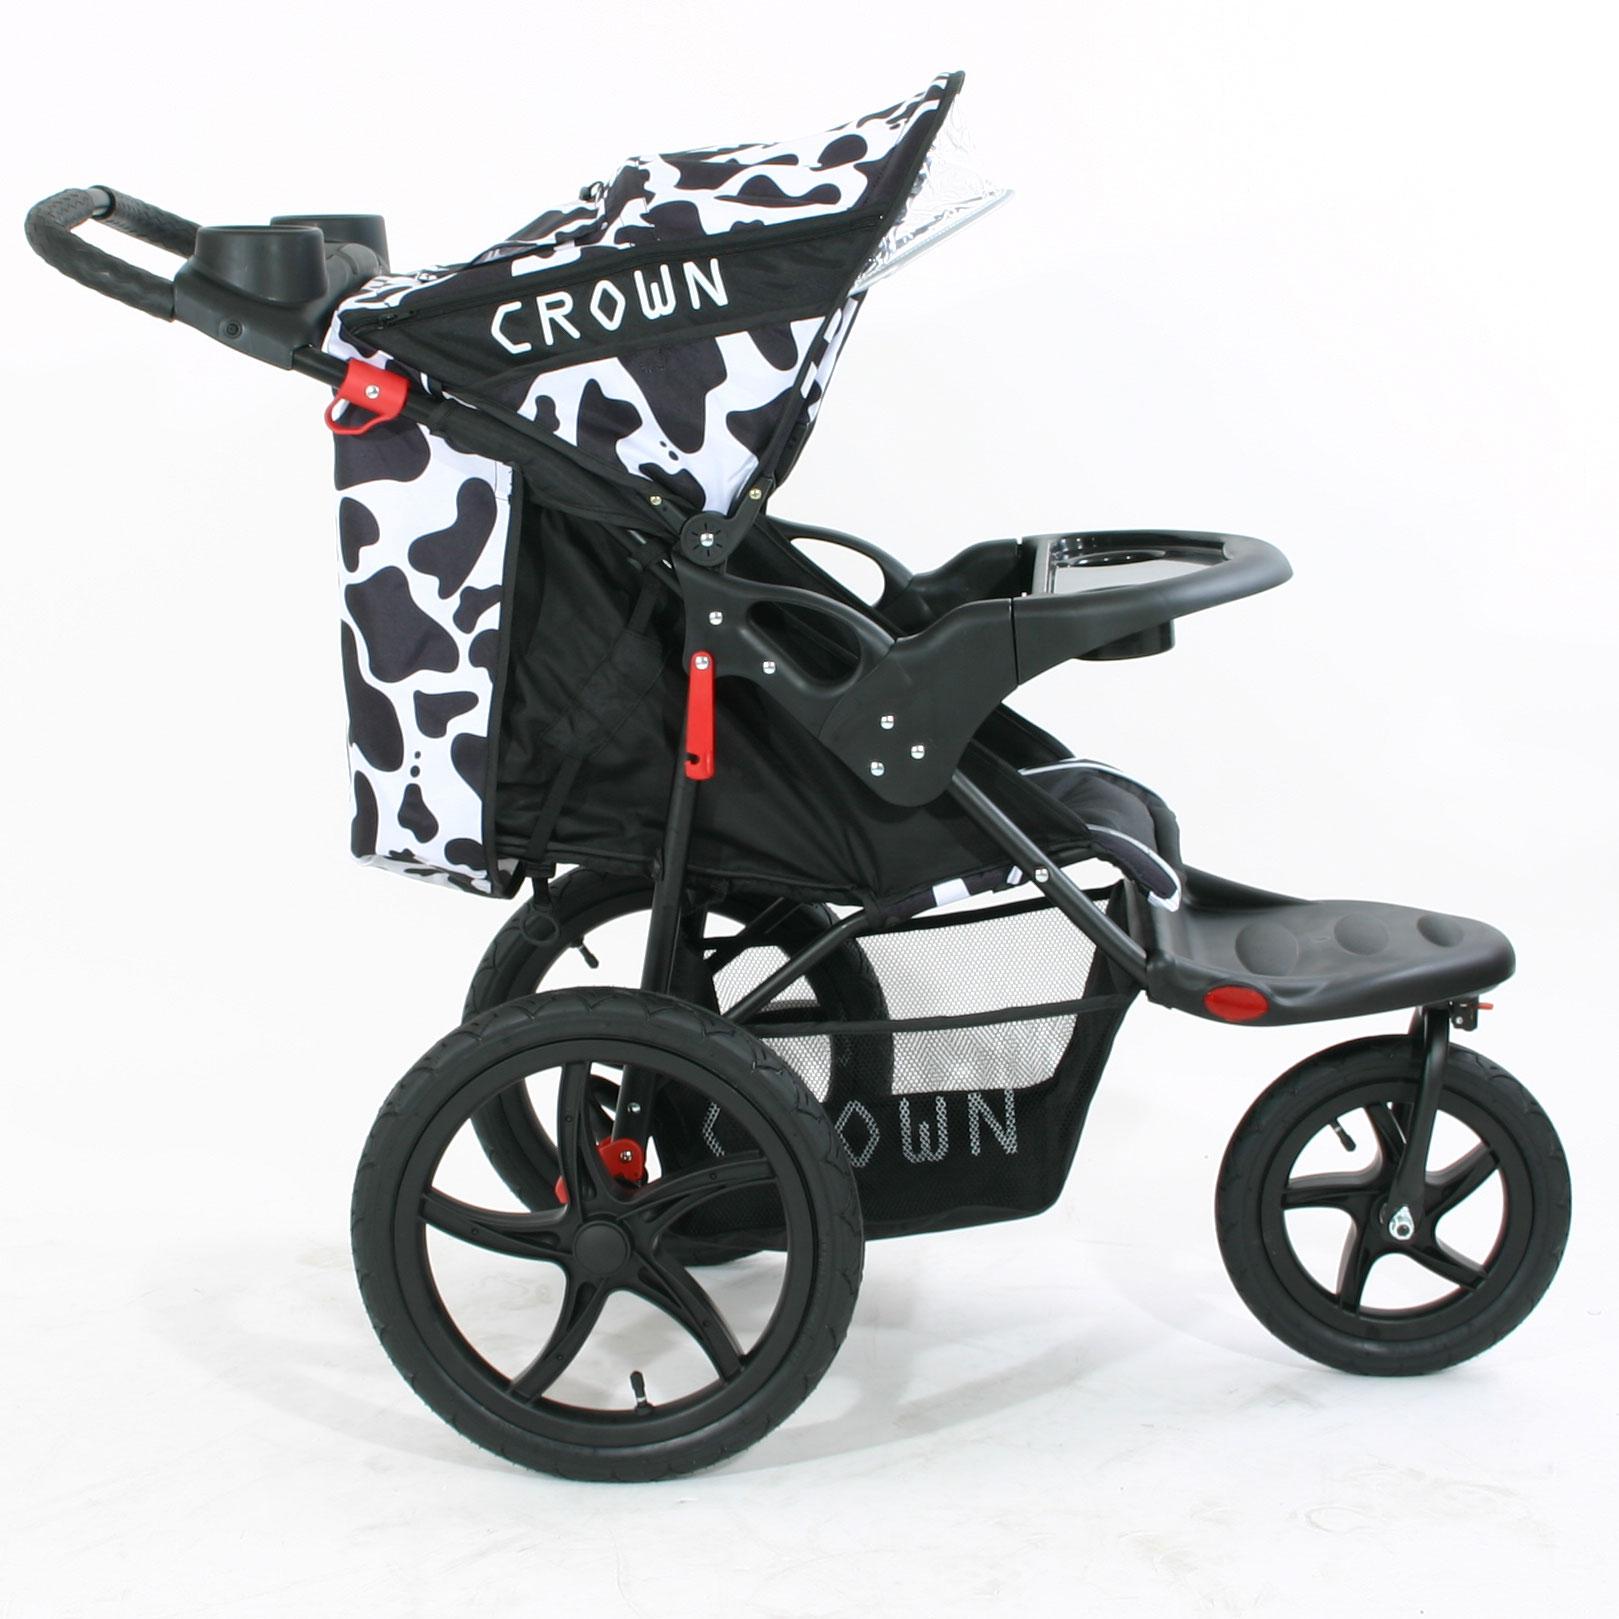 Crown-Kinderwagen-ST930-COW-03.jpg